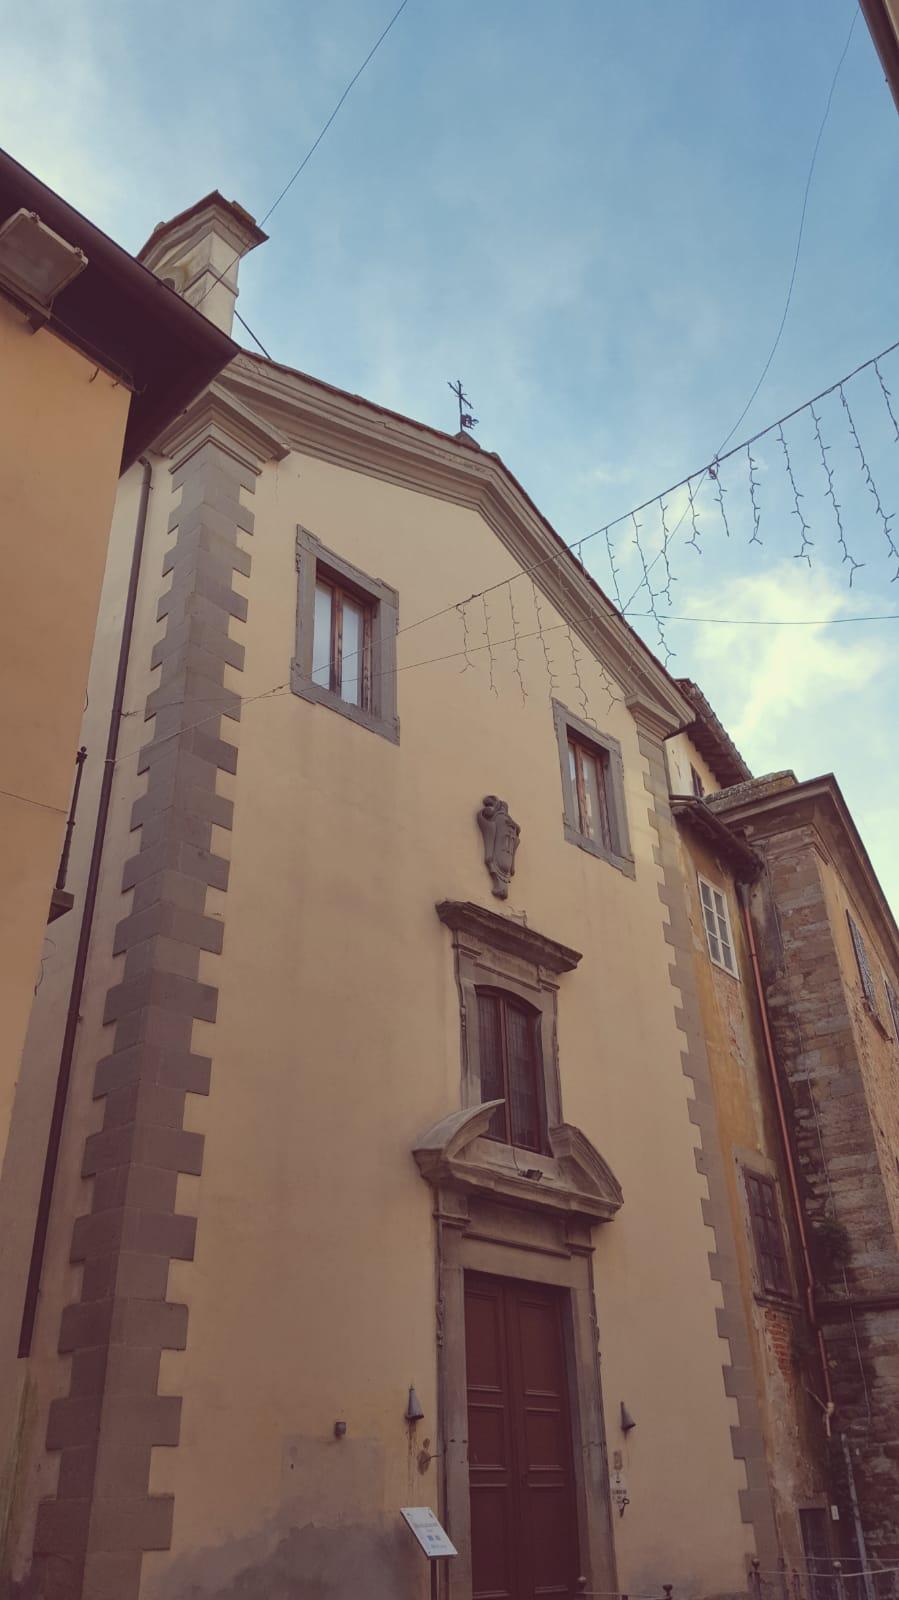 Castiglion Fiorentino: Chiese aperte nel weekend